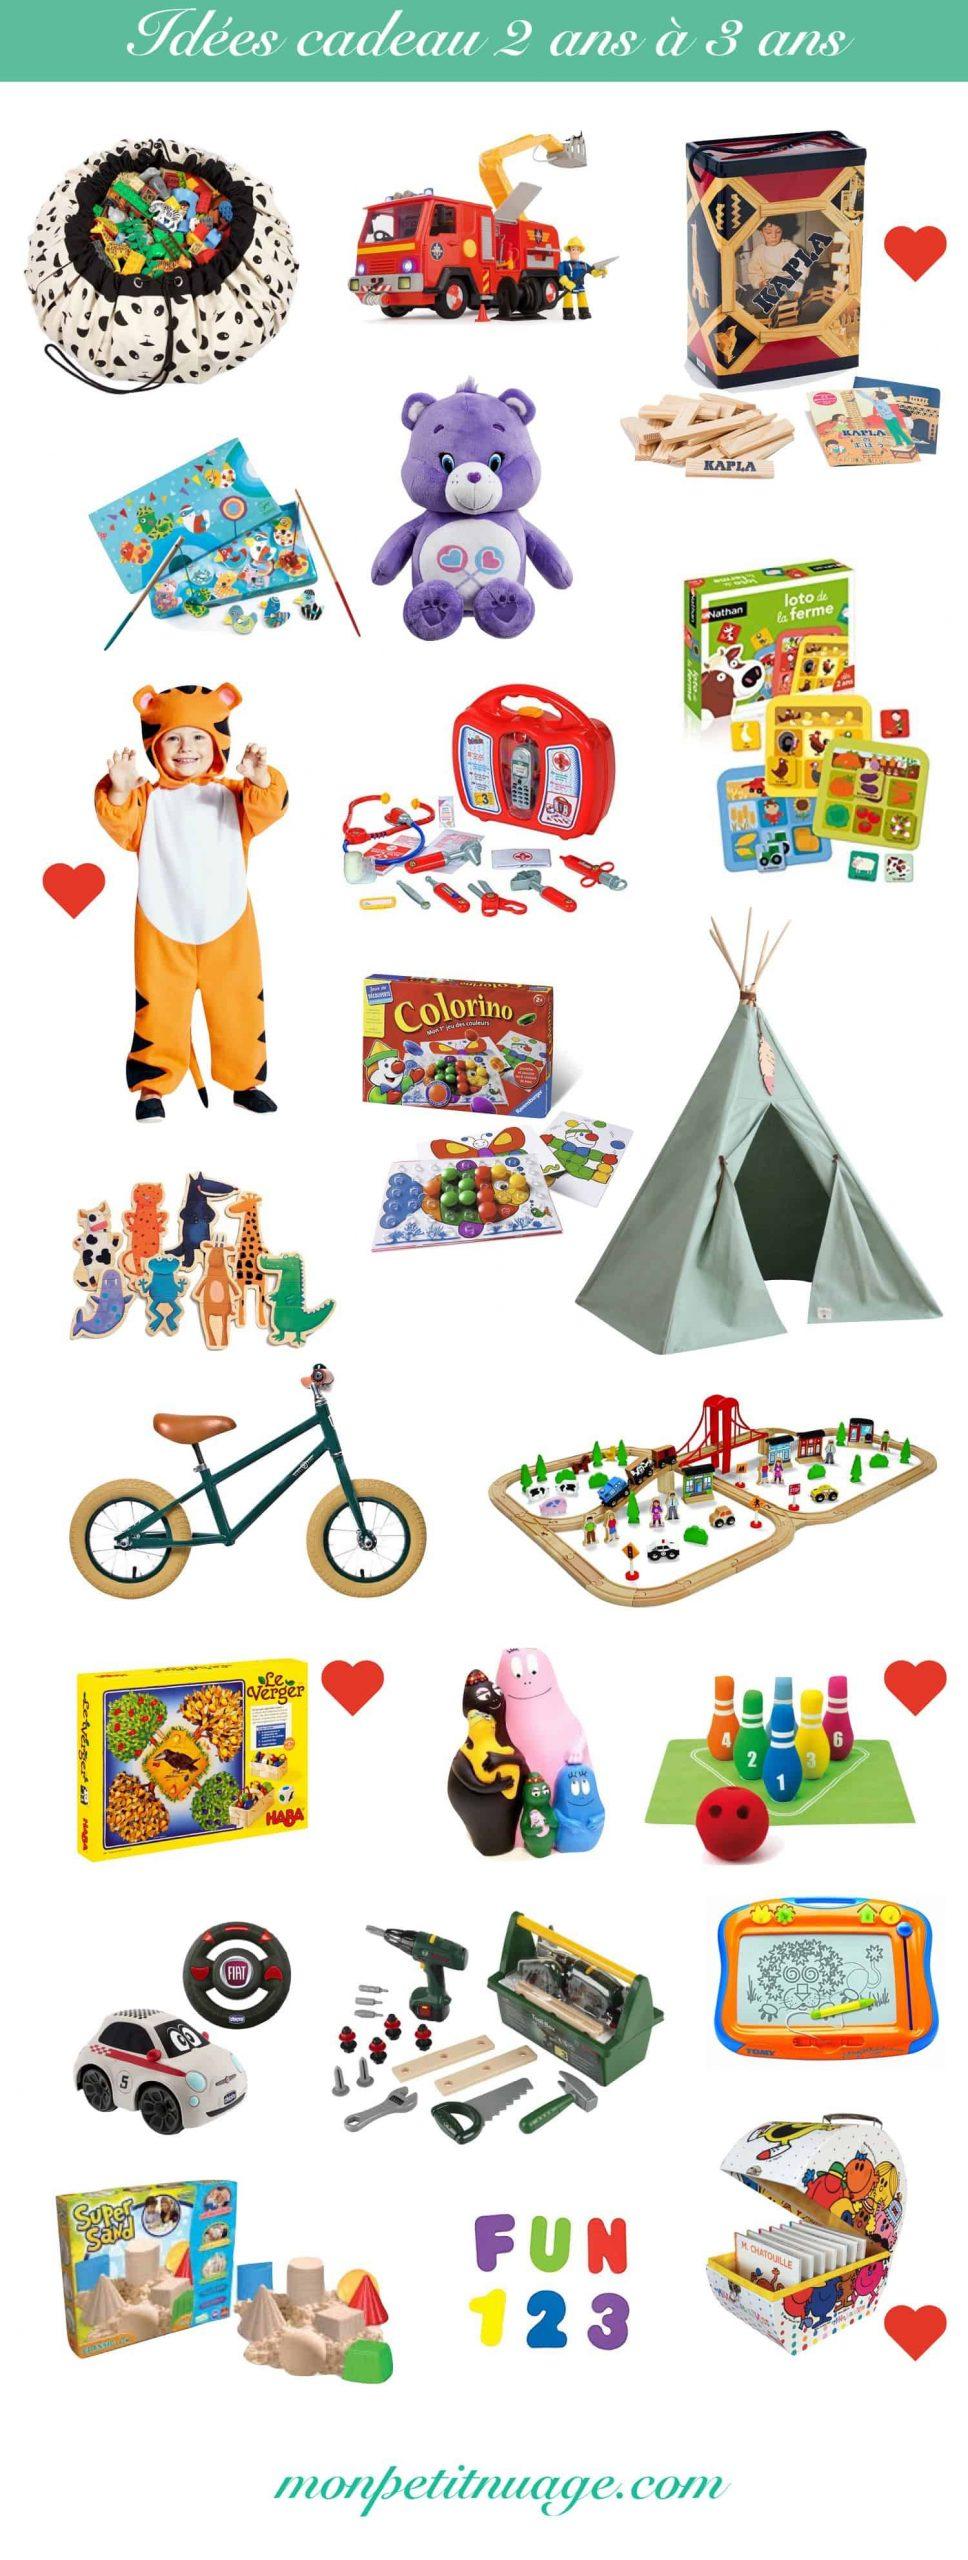 Idées Cadeaux Bébé & Enfant : 6 Mois, 1 An, 2 Ans, 3 Ans destiné Jeux Pour Garcon De 3 Ans